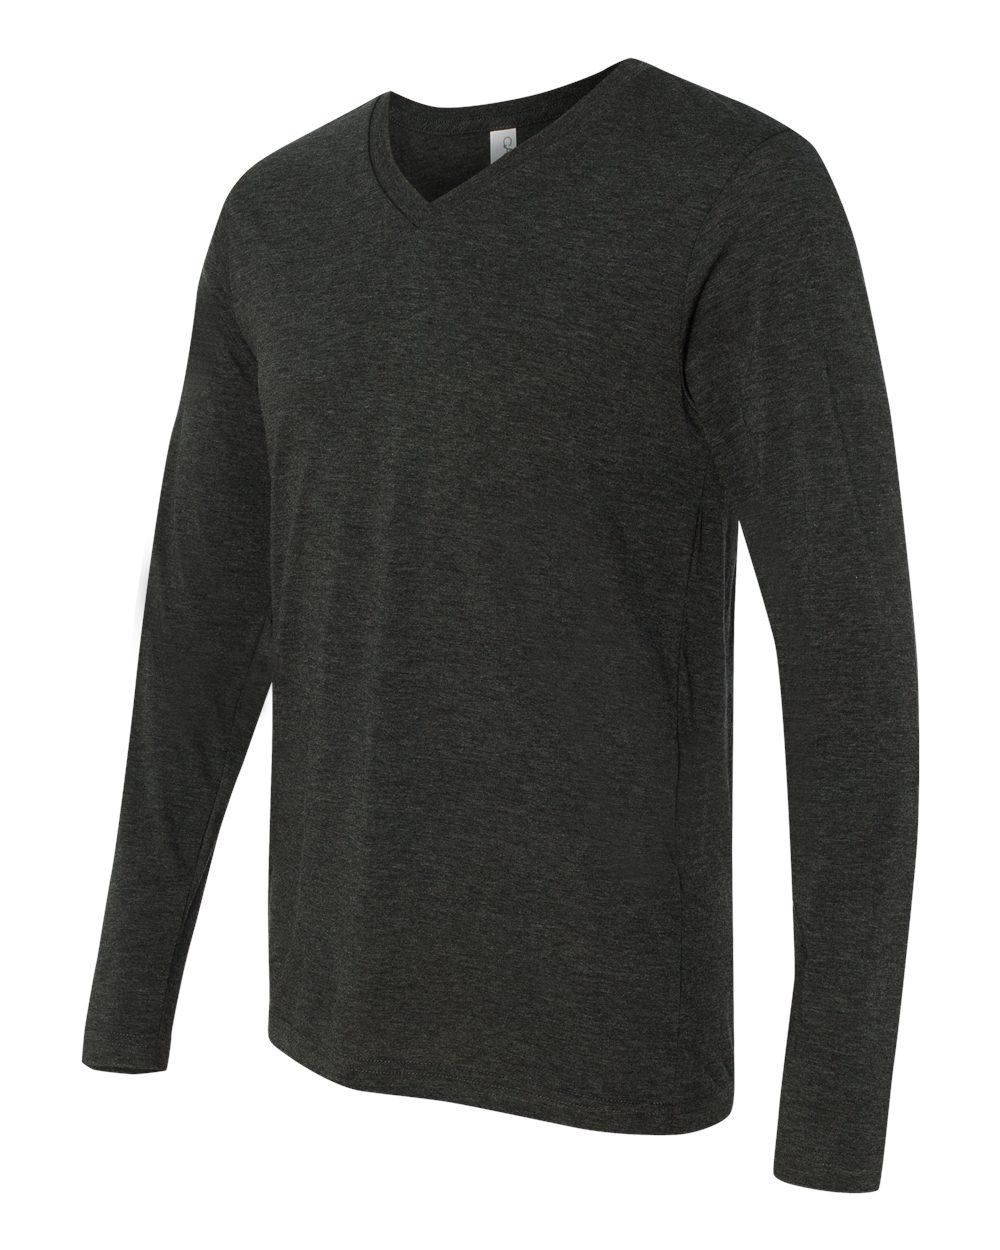 Bella-Canvas-Unisex-Jersey-Long-Sleeve-V-Neck-T-Shirt-3425-XS-2XL thumbnail 3